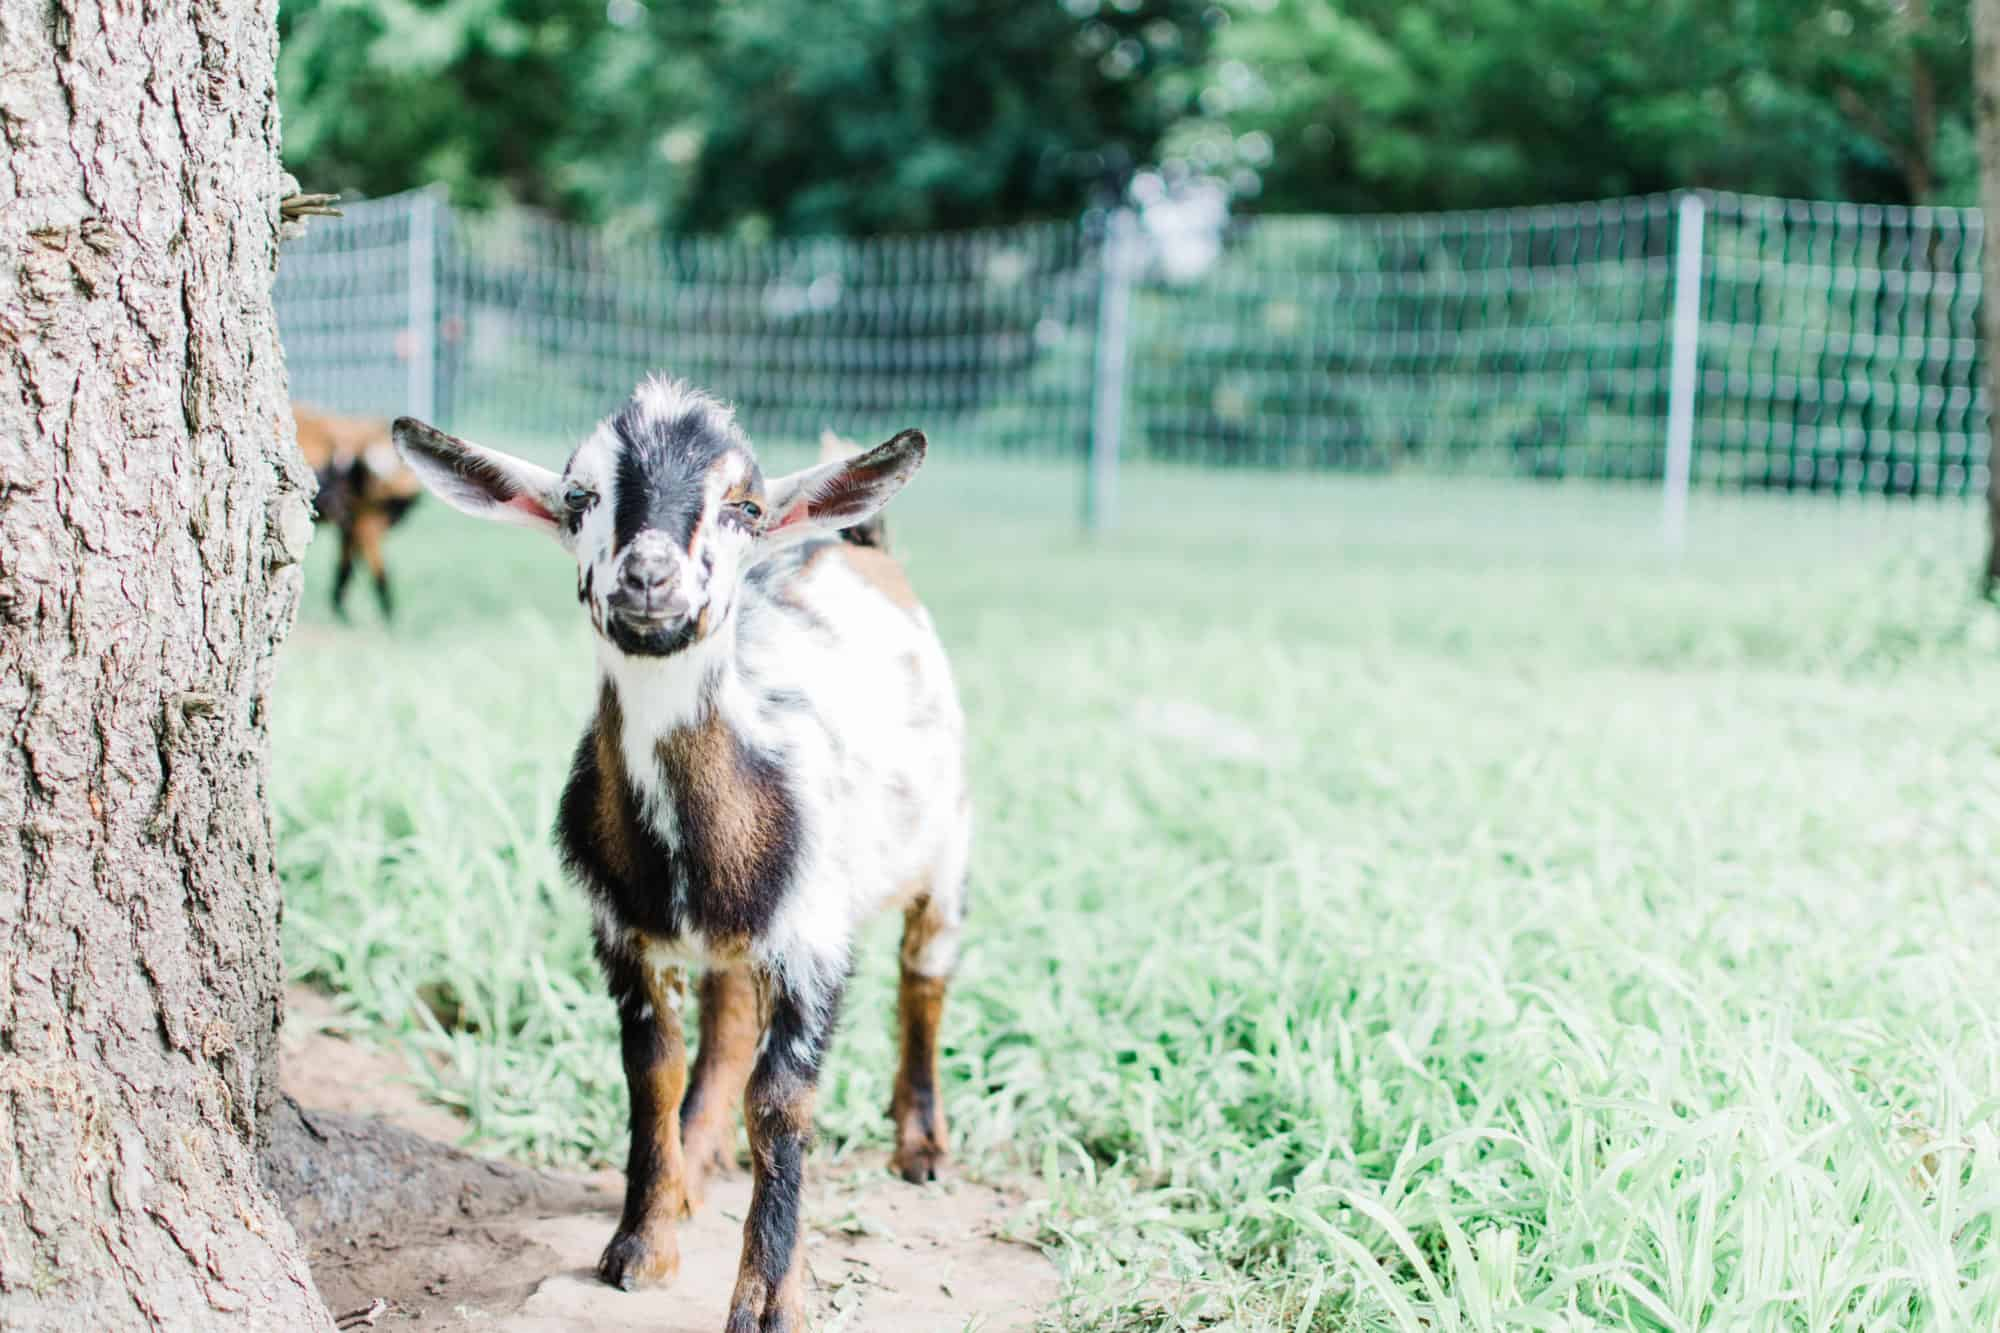 Frenchie Farm beginner tips for raising goats